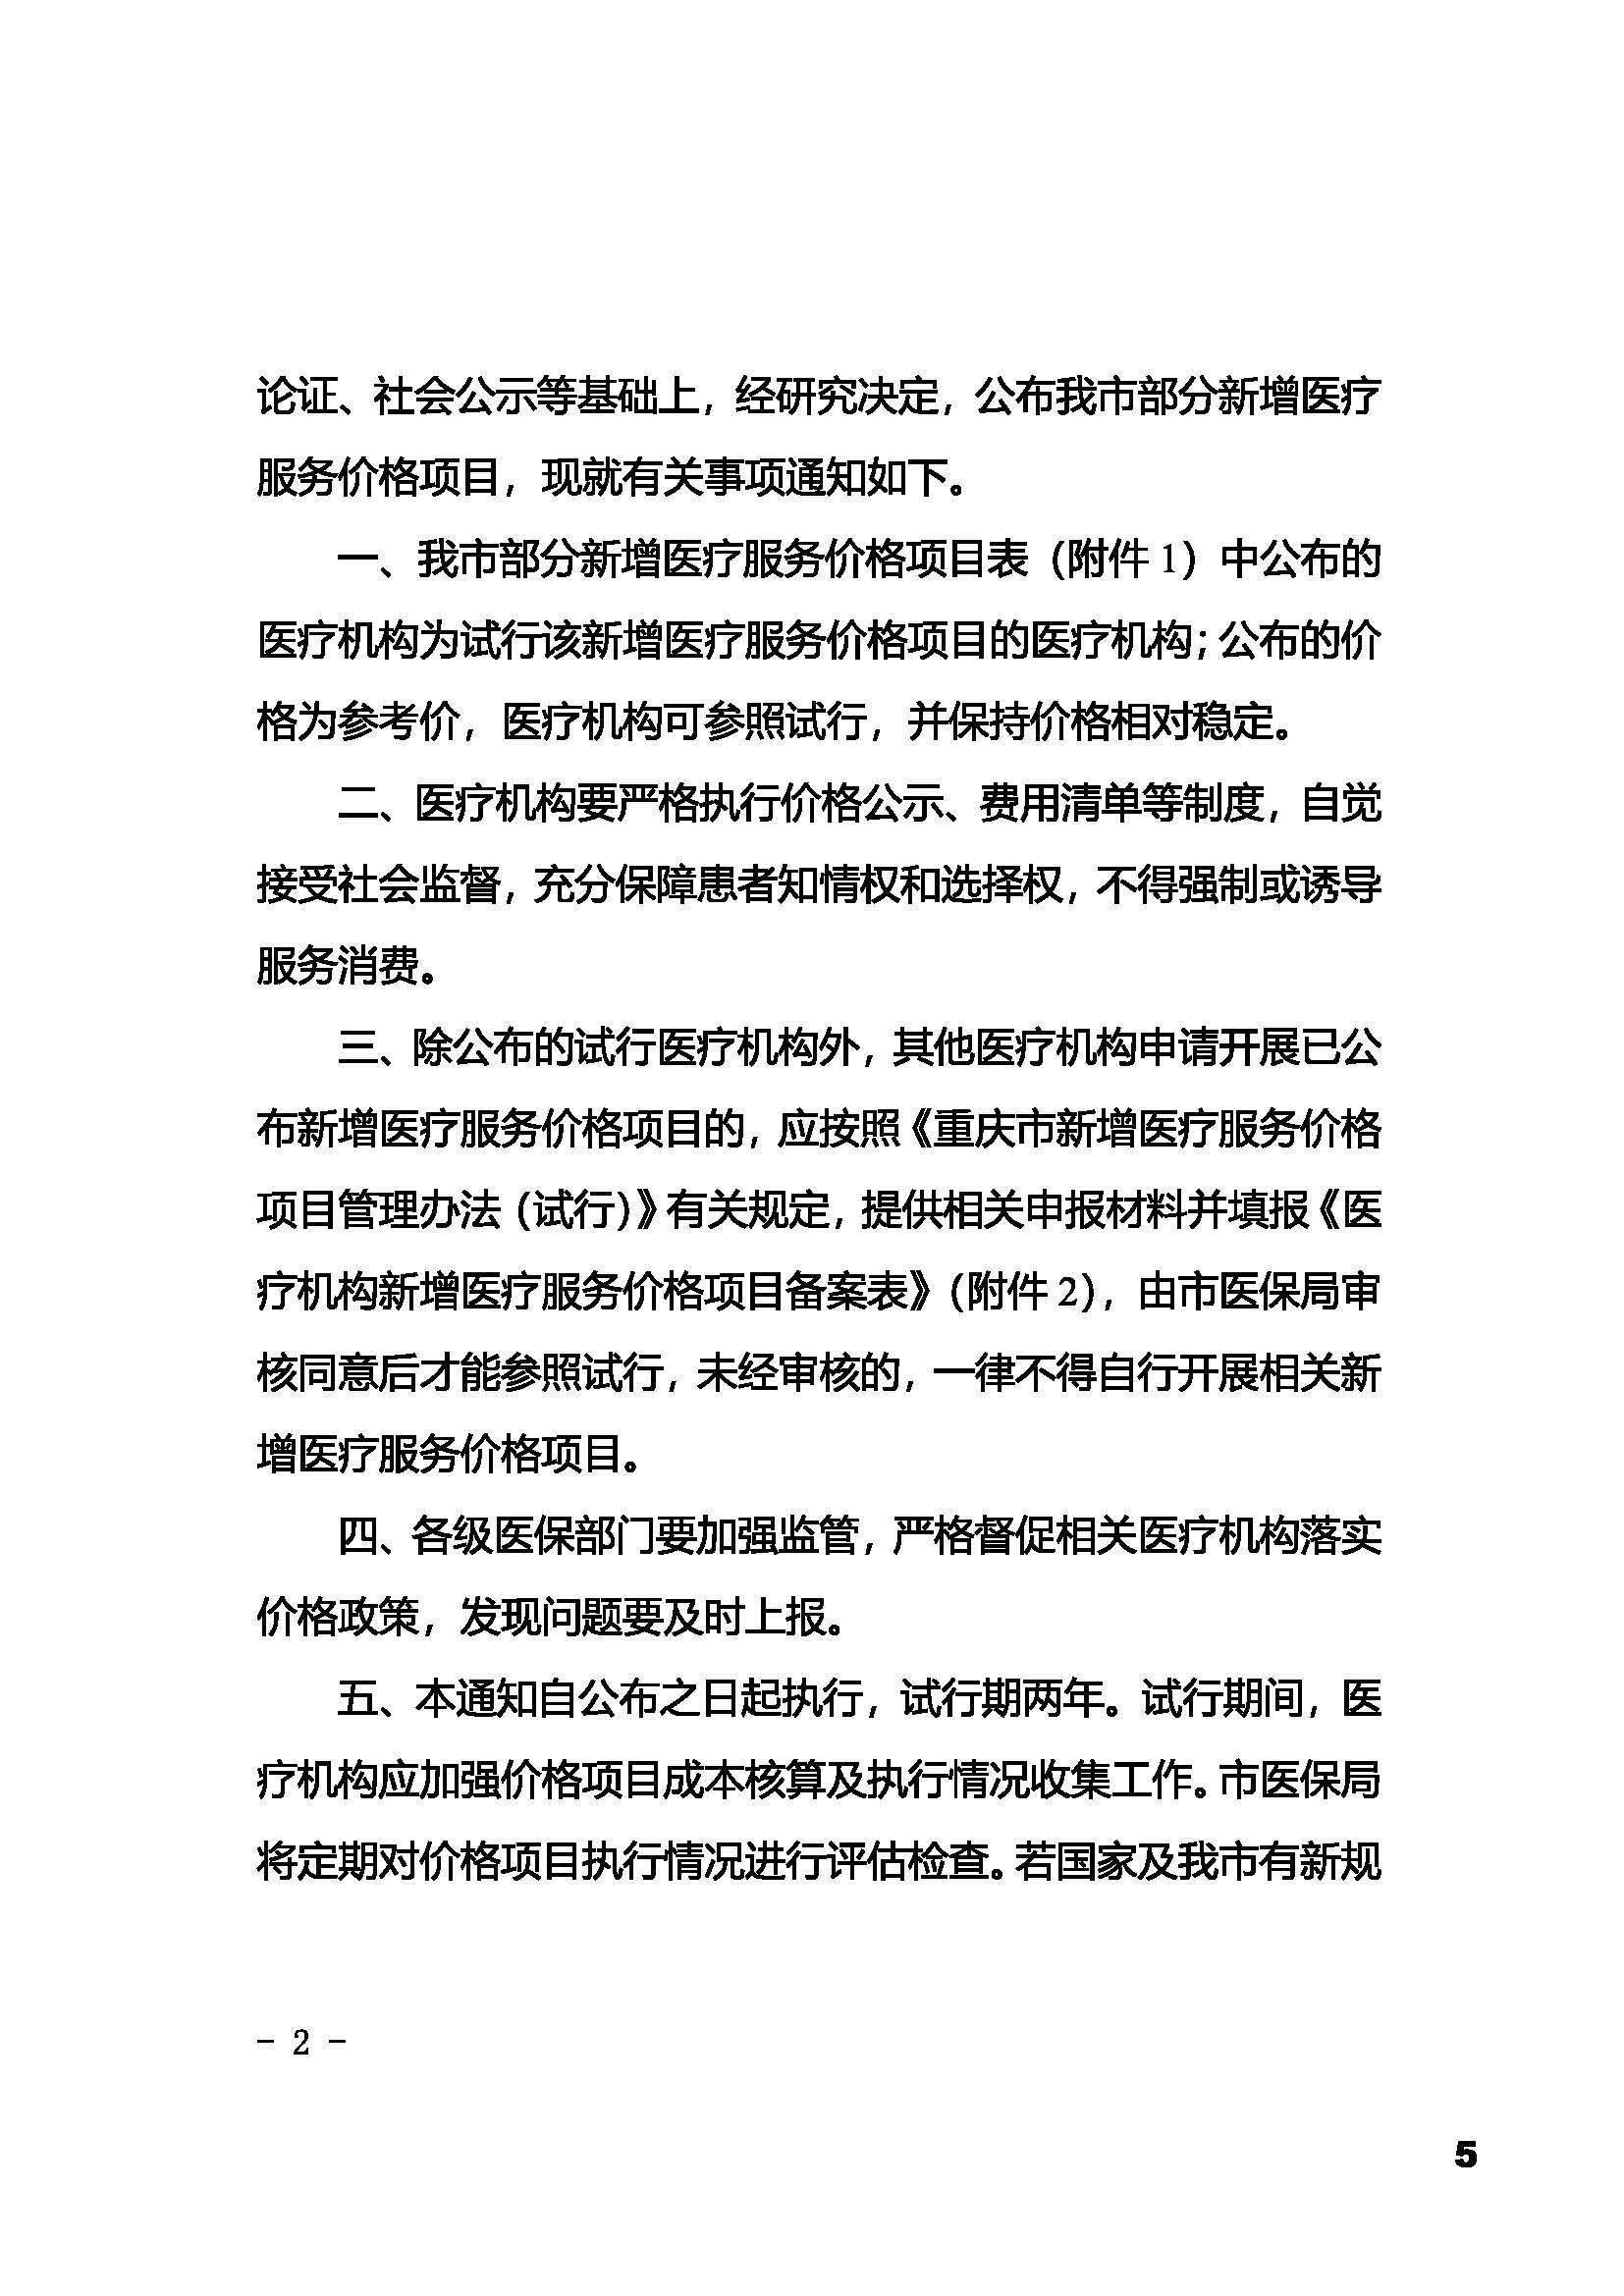 重庆市冲洗术物价获批文件_页面_2